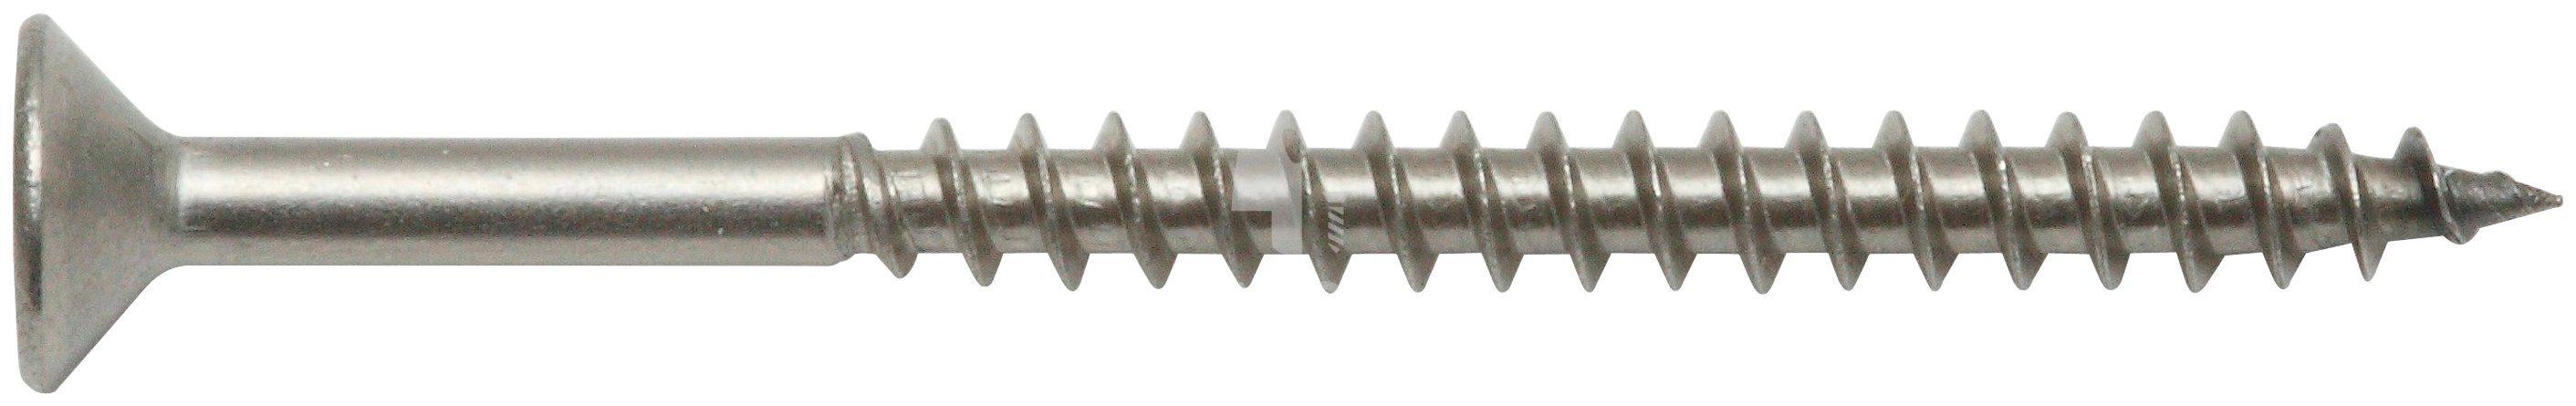 RAMSES Schrauben , Spanplattenschraube 4 x 50 mm PZ2 100 Stk.